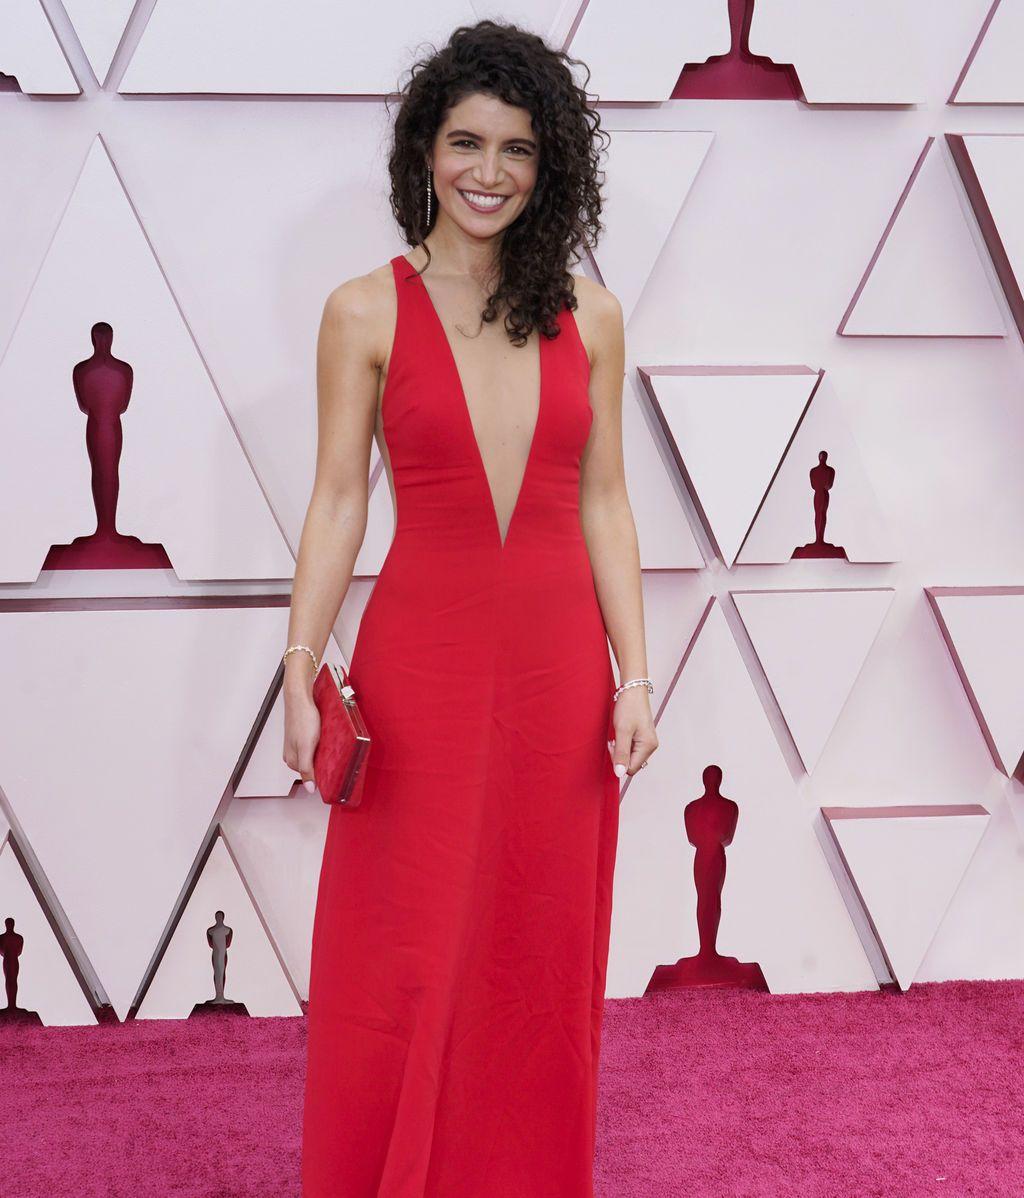 Nina Pedrad desfila en la alfombra roja de Union Station, la estación de autobuses de Los Ángeles, una de las sedes donde tiene lugar la gala de los Premios Oscars 2021